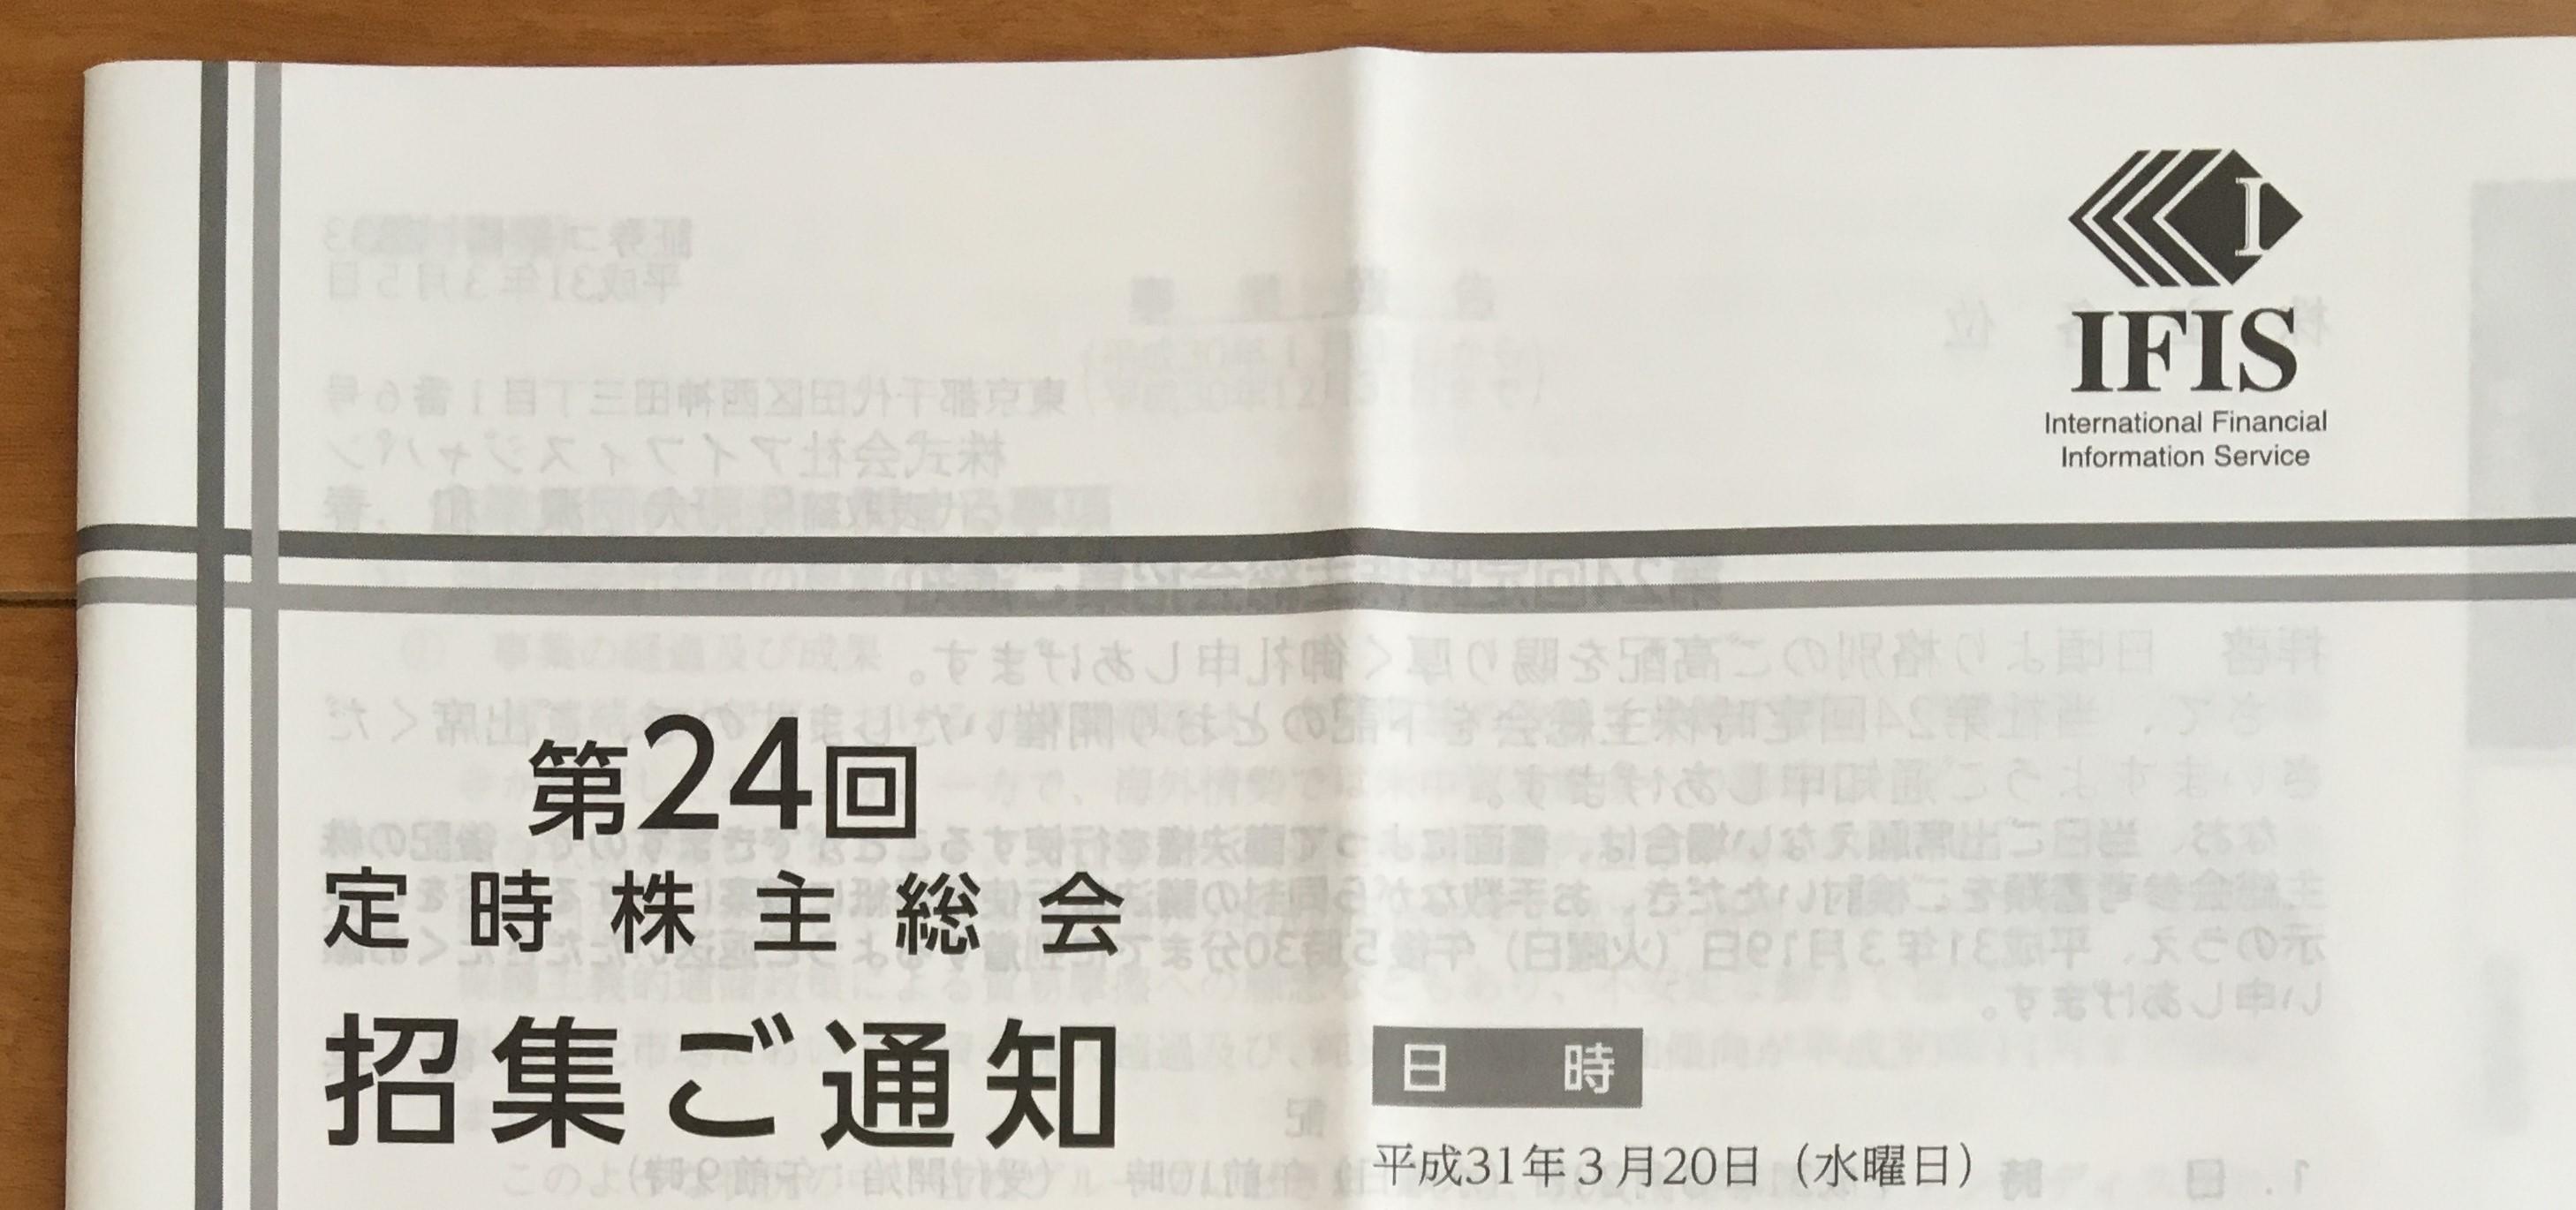 アイフィスジャパンの株価は割安か?